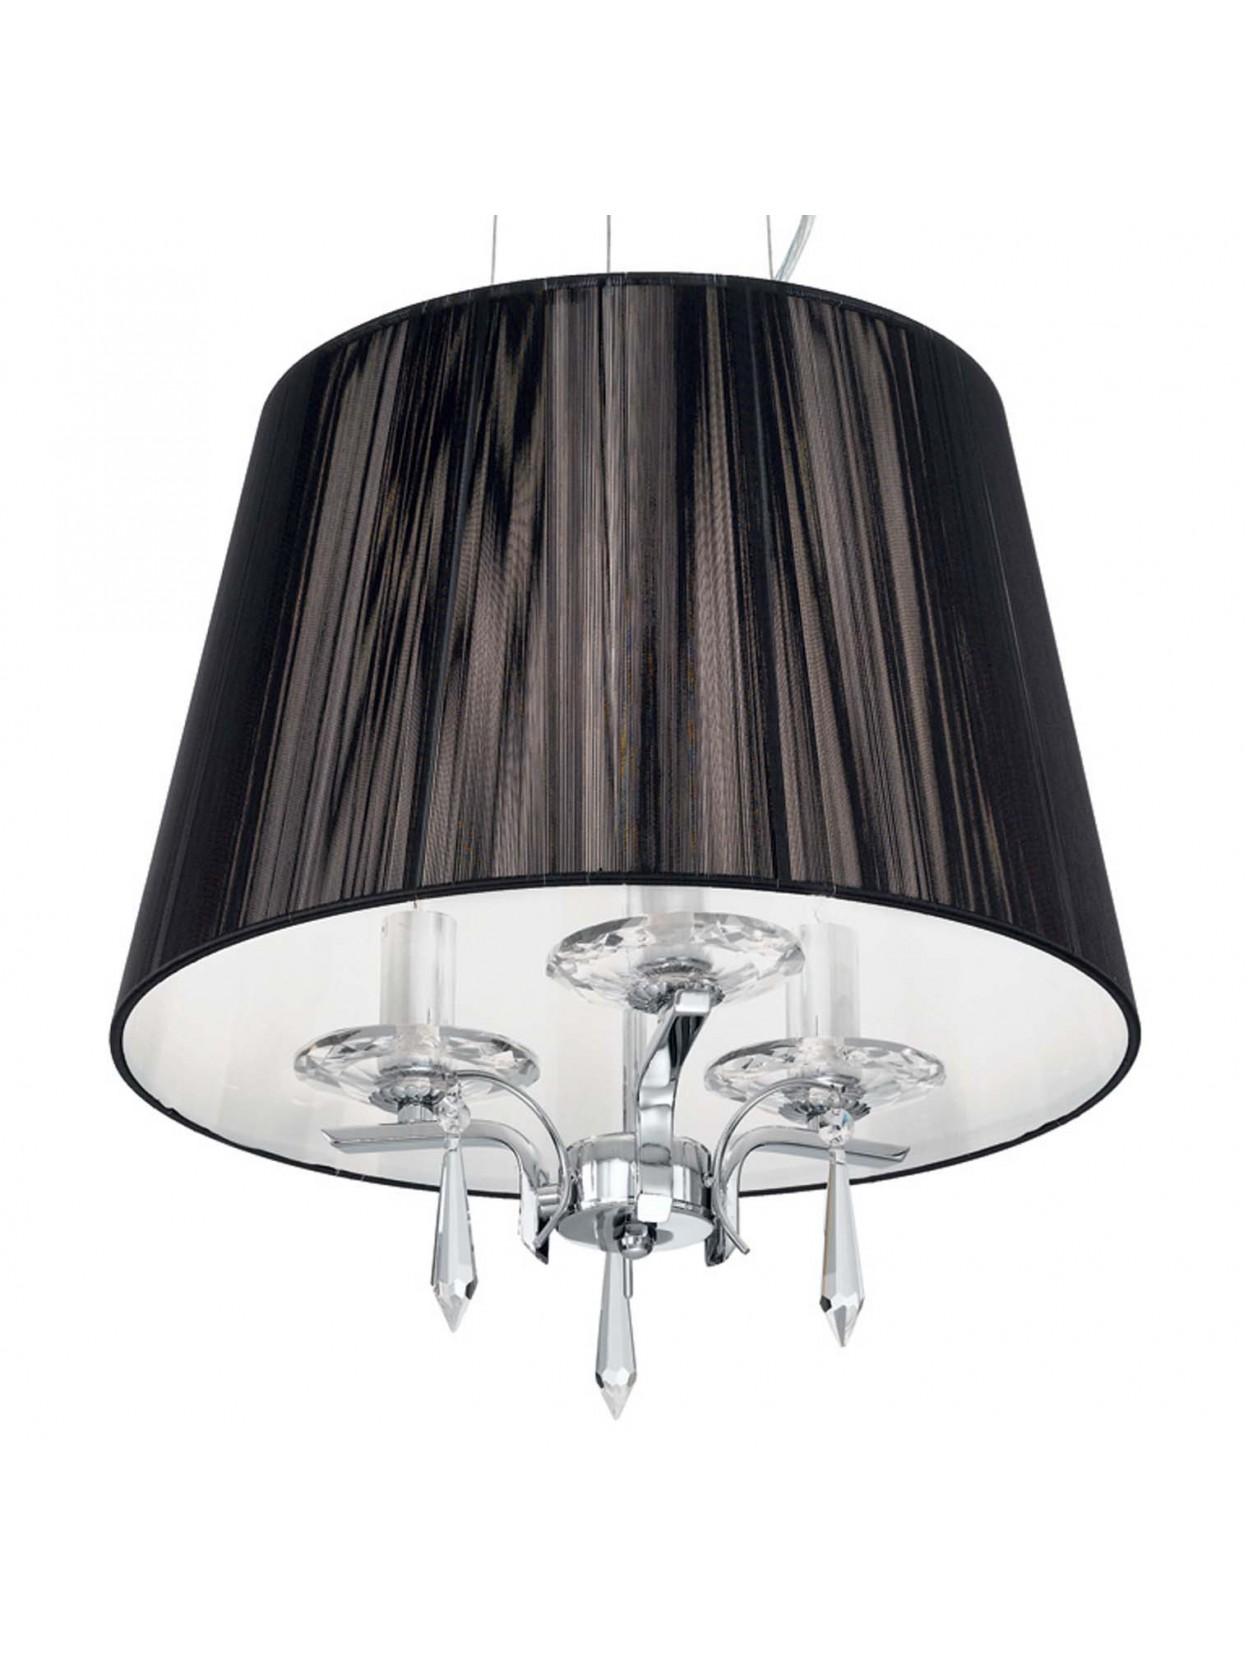 Lampadario moderno 3 luci cristallo con paralume nero Accademy